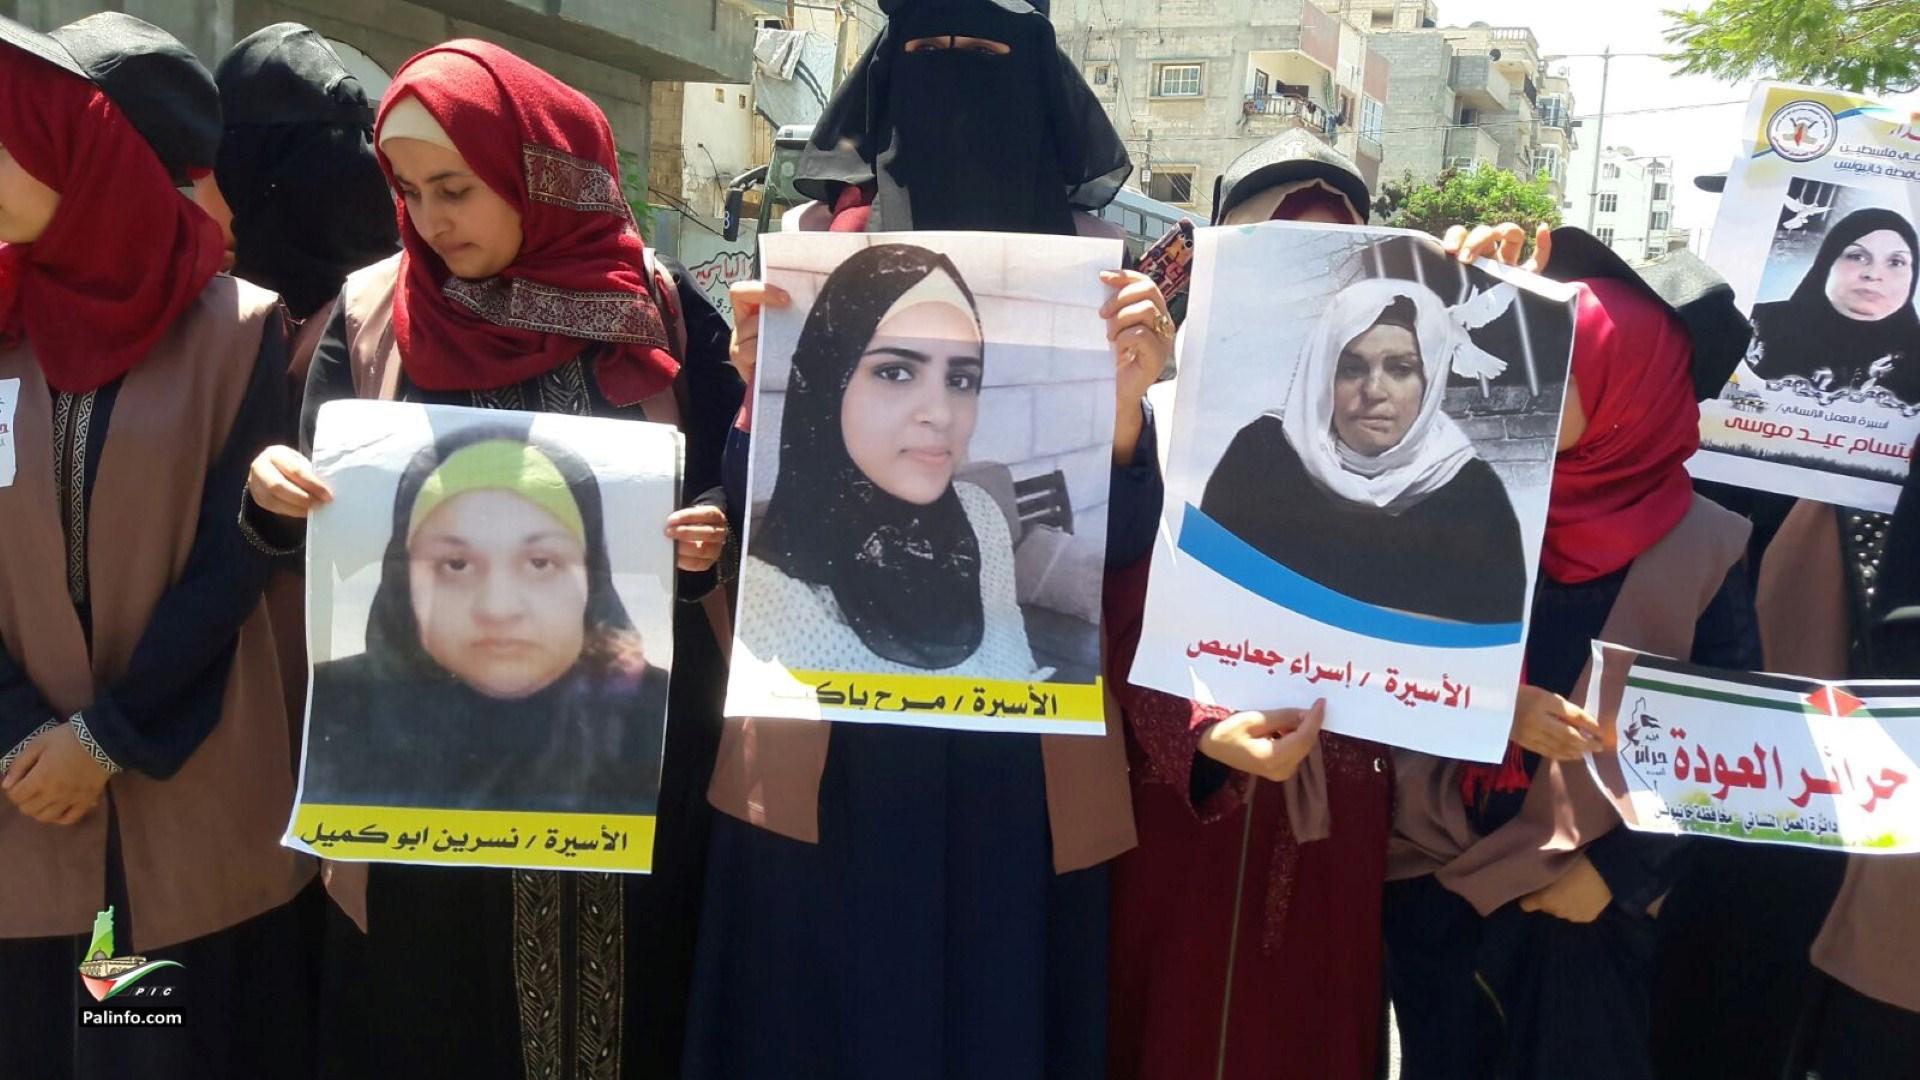 وتيرة اعتقالات الأسيرات الفلسطينيات تتصاعد وبلغ عددهن نحو 32 أسيرة في سجون الاحتلال